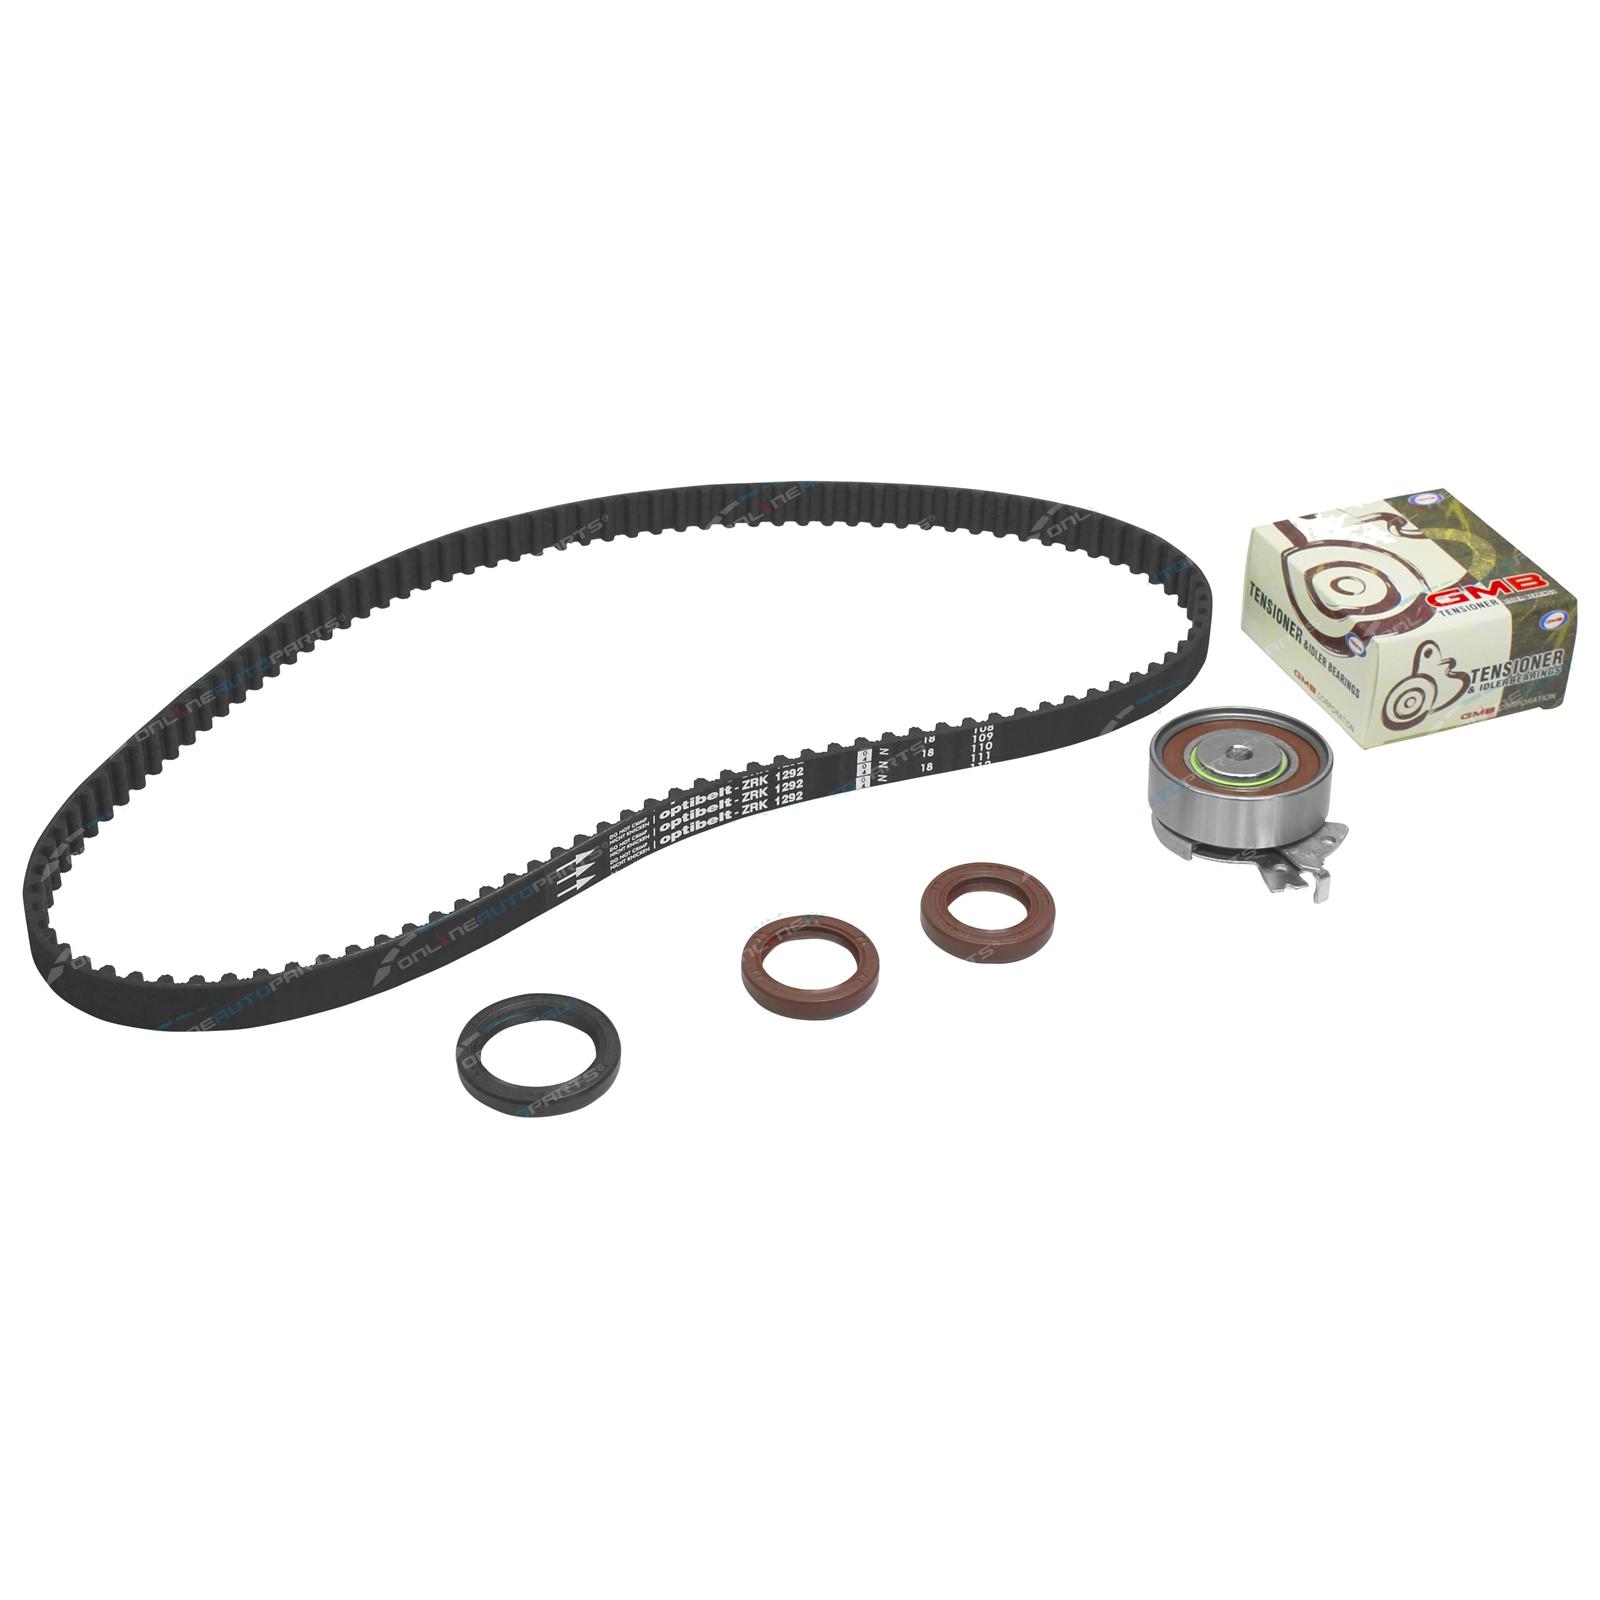 Timing Belt + Tensioner Kit Combo Van XC 2002-2004 4cyl Z16SE02 1.6L 1598cc Engine Holden